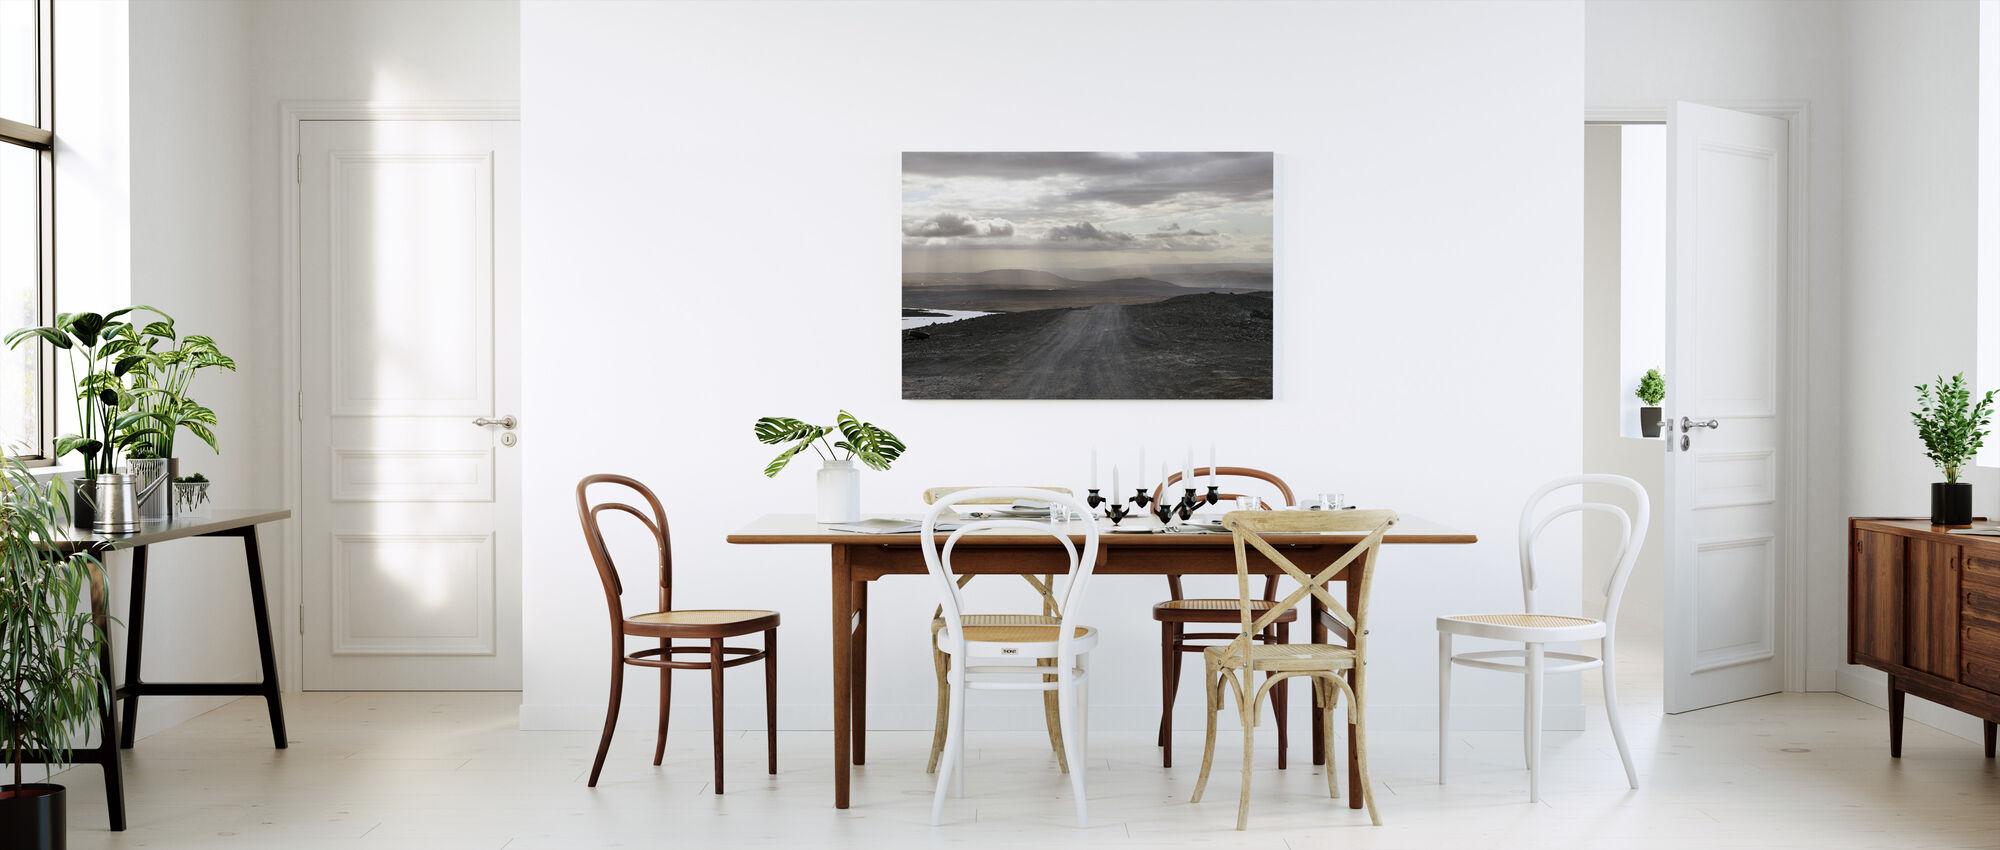 Isländskt landskap - Canvastavla - Kök